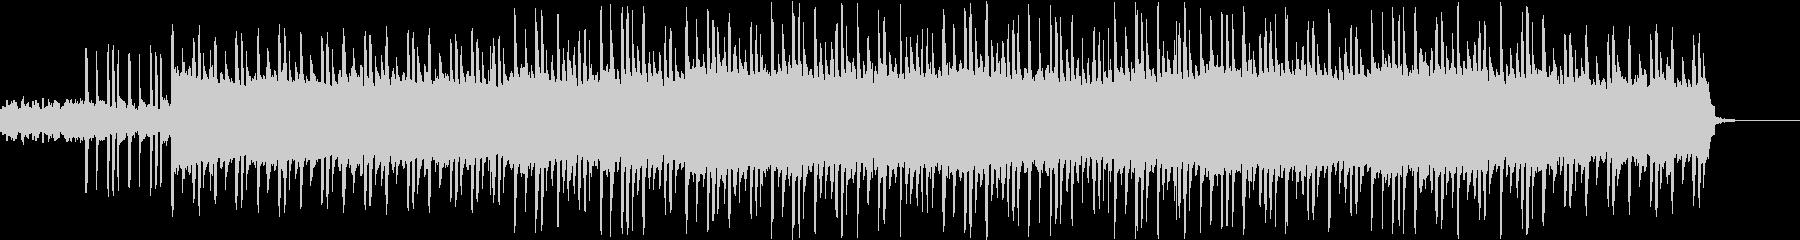 マリンバと繰り返すメロディの切ない曲の未再生の波形